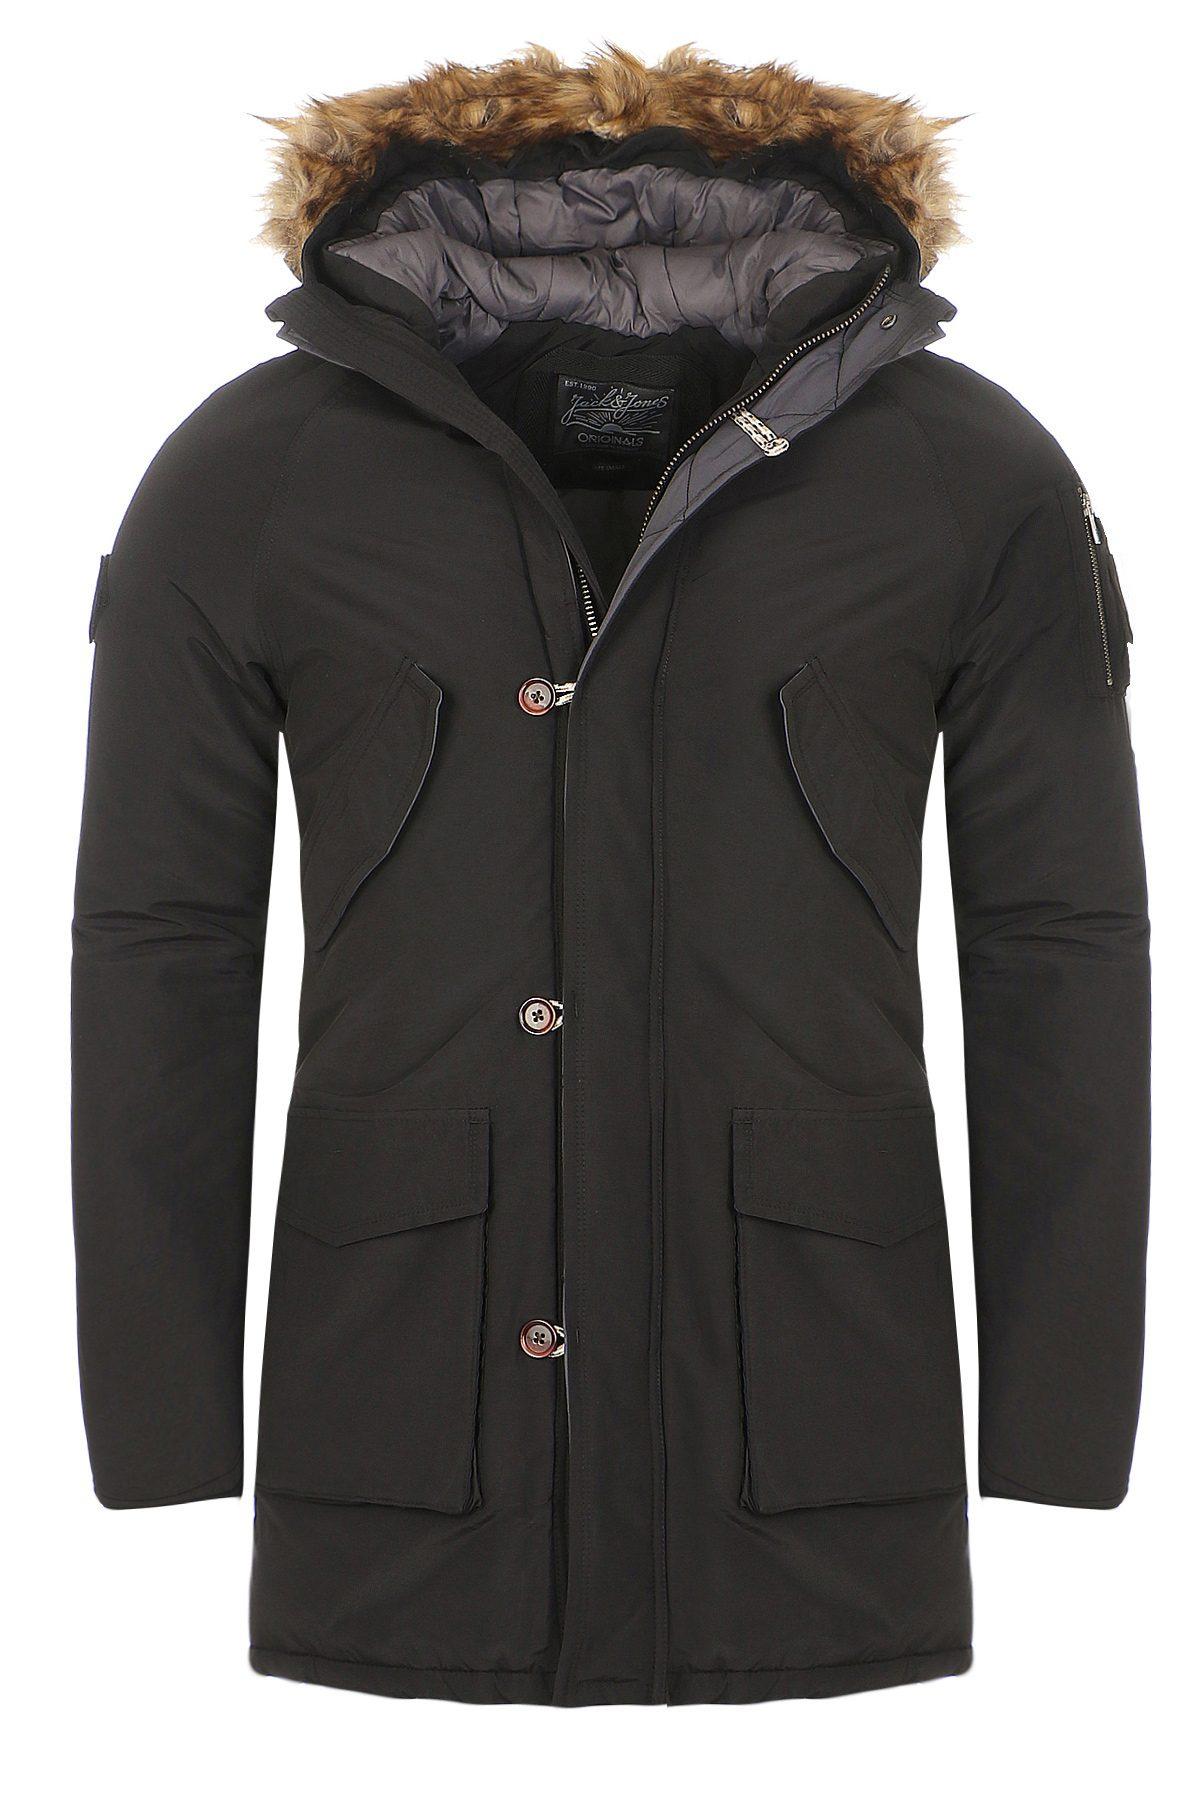 jack jones herren winterjacke jorforest parka jacket. Black Bedroom Furniture Sets. Home Design Ideas